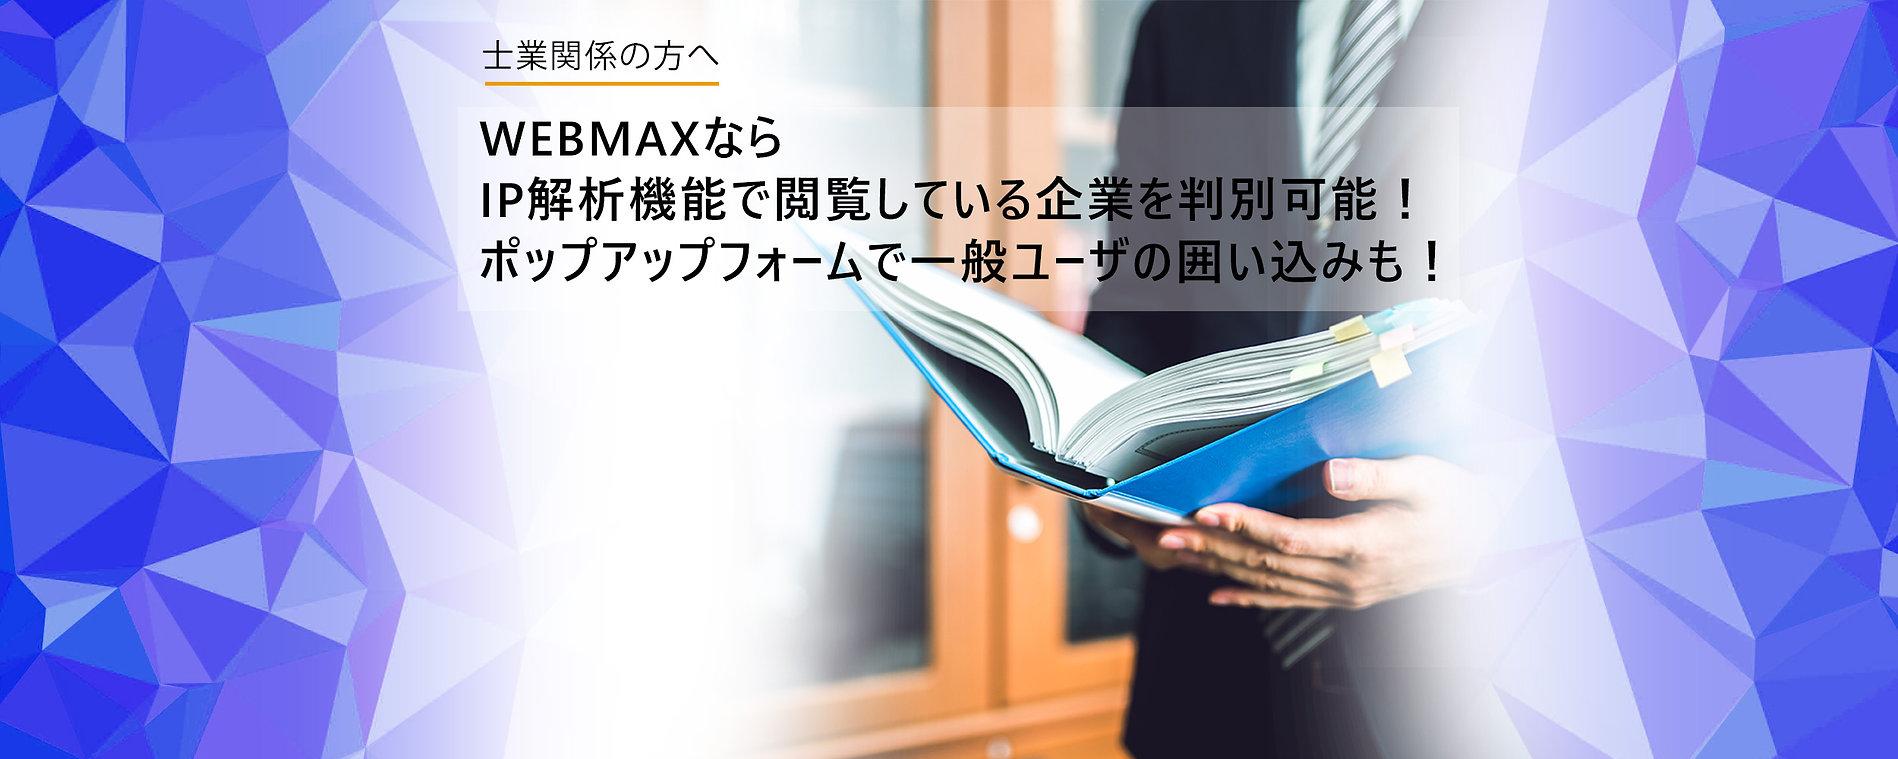 仕業ウェブマックスMV.jpg